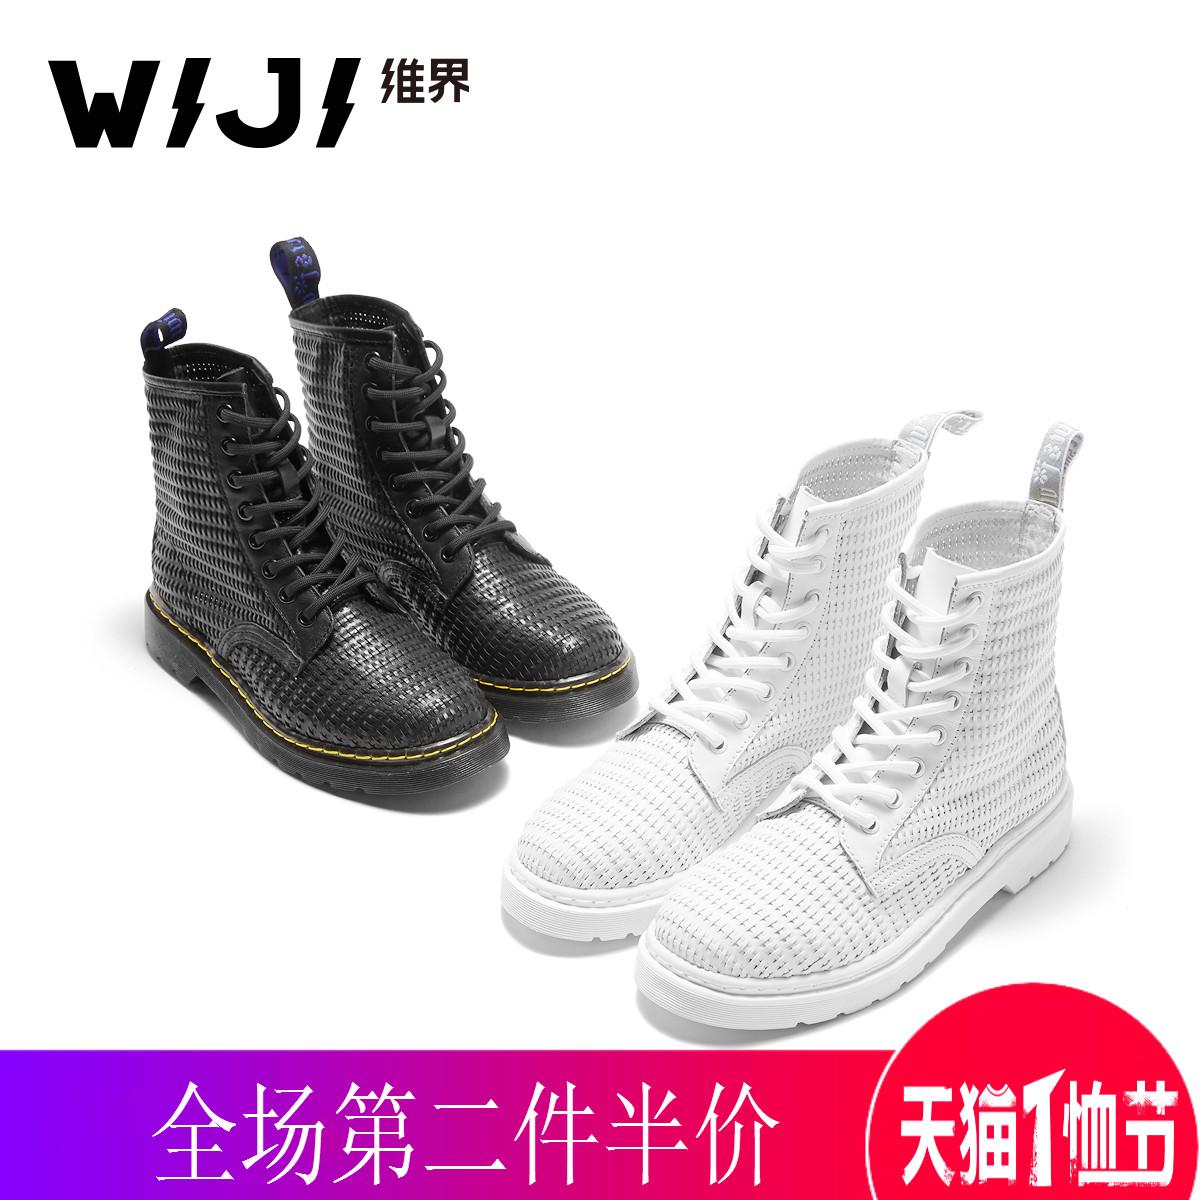 韩版潮休闲女鞋潮短靴子